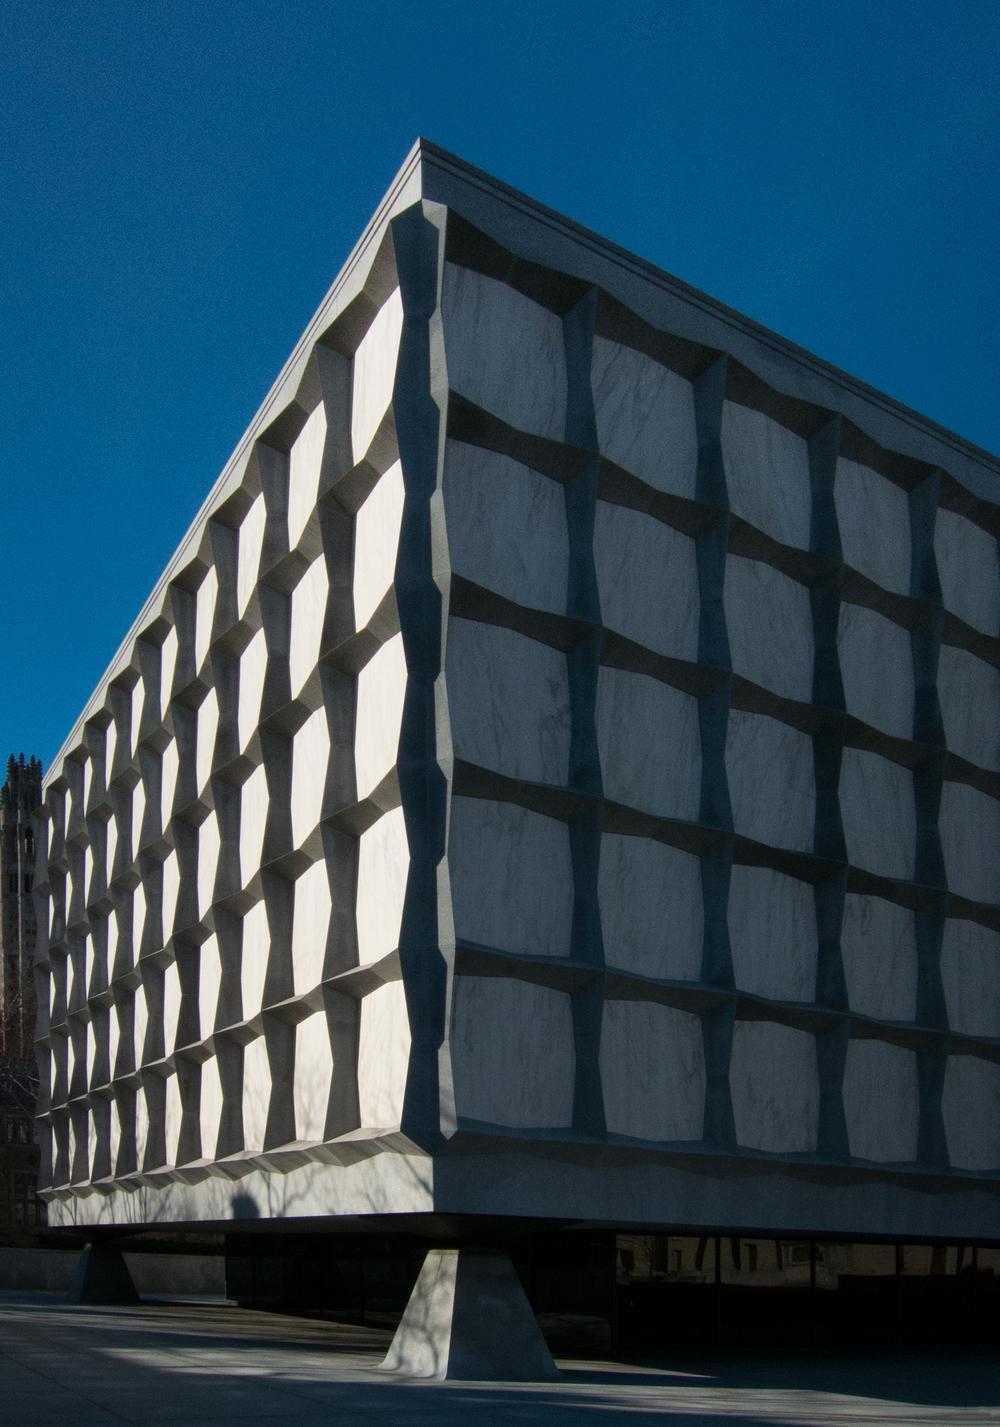 Beinecke Library, Gordon Bunshaft